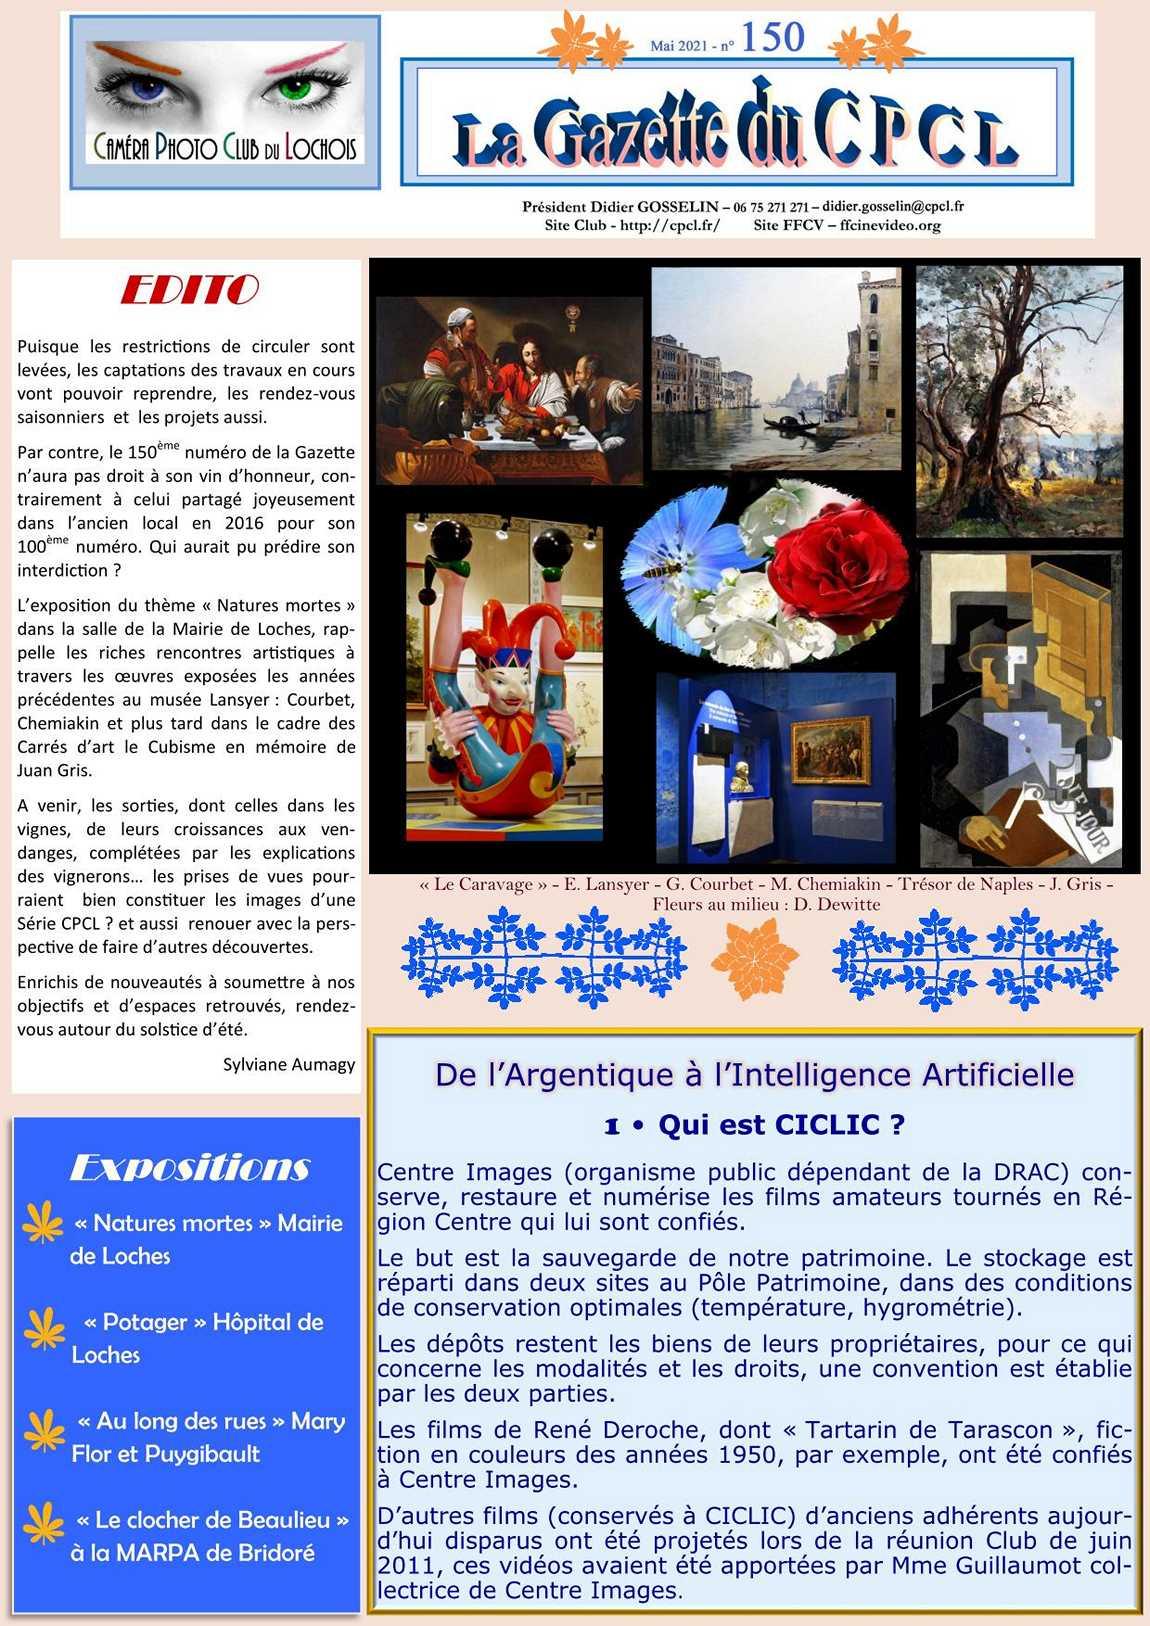 Gazette 150 - mai 2021